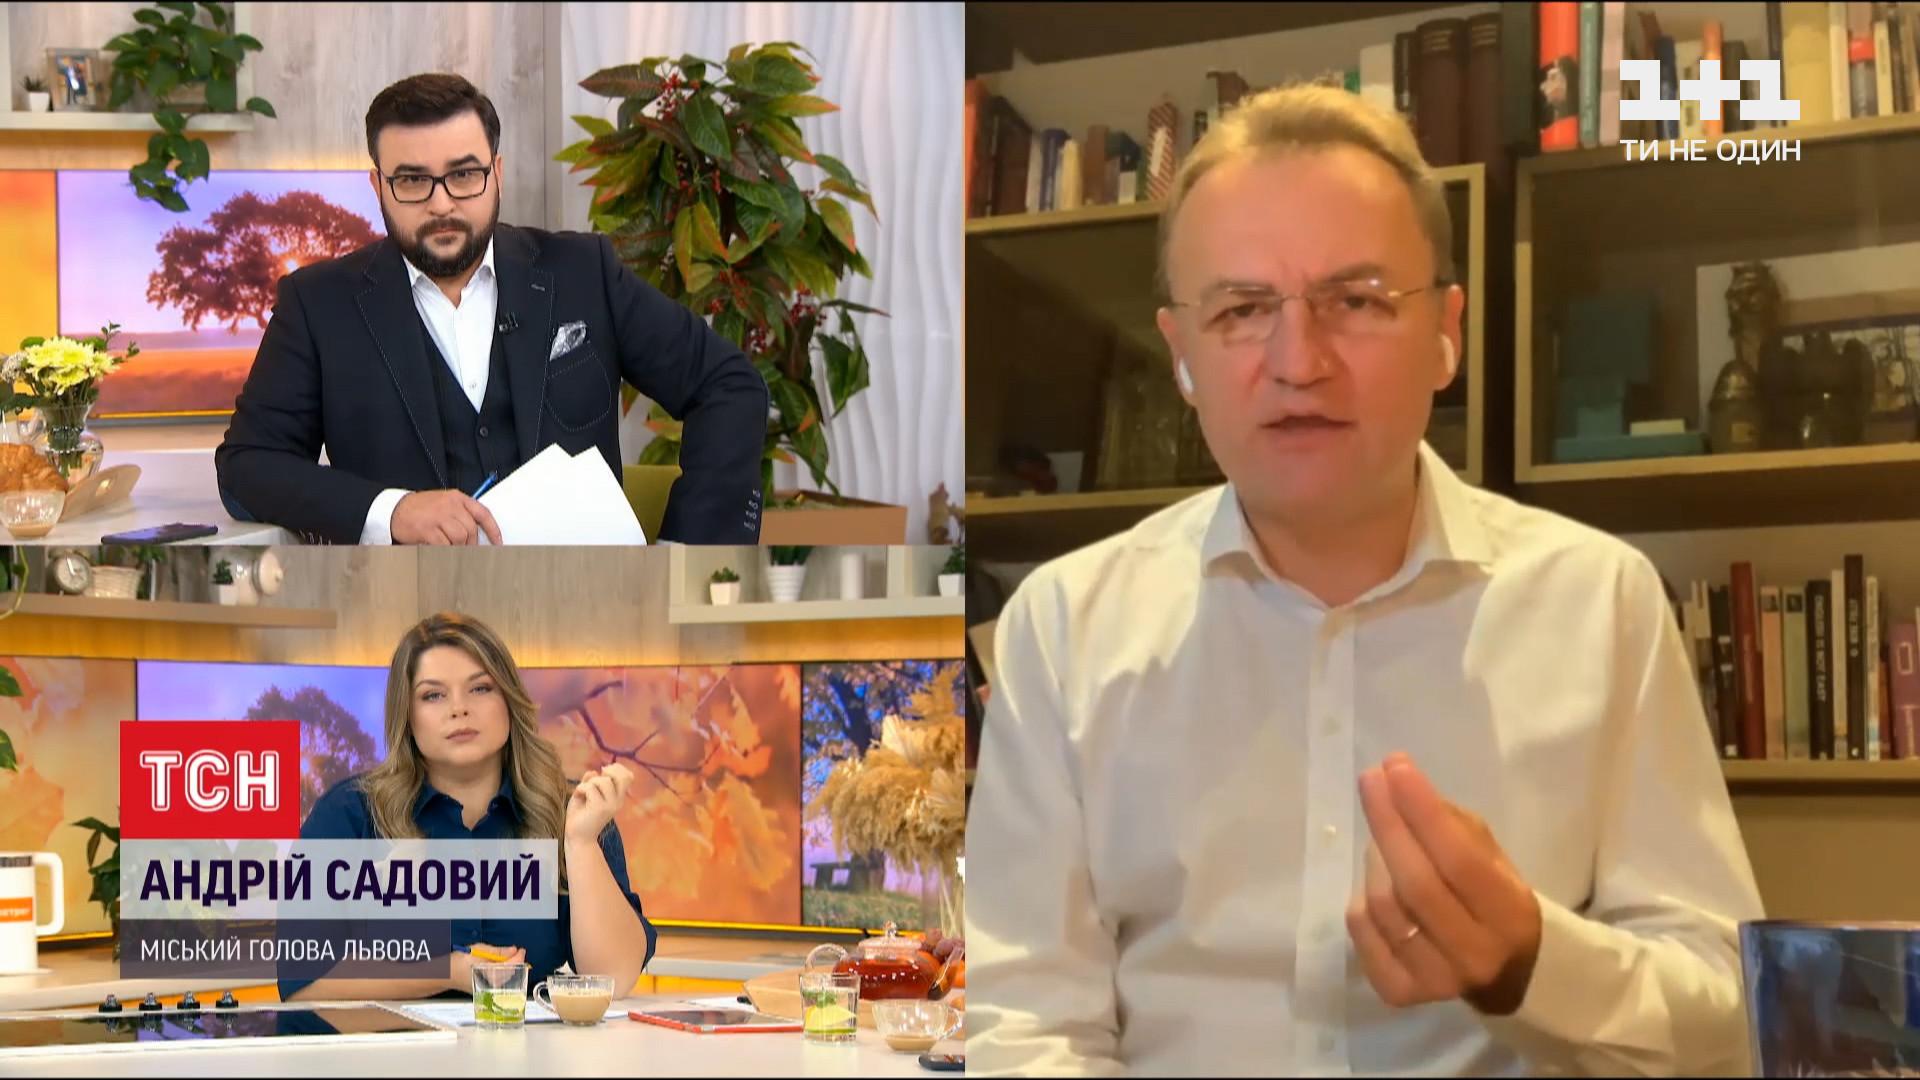 Багато закладів у Львові відкрилися, але біля них вже чатувала поліція/ скріншот з відео